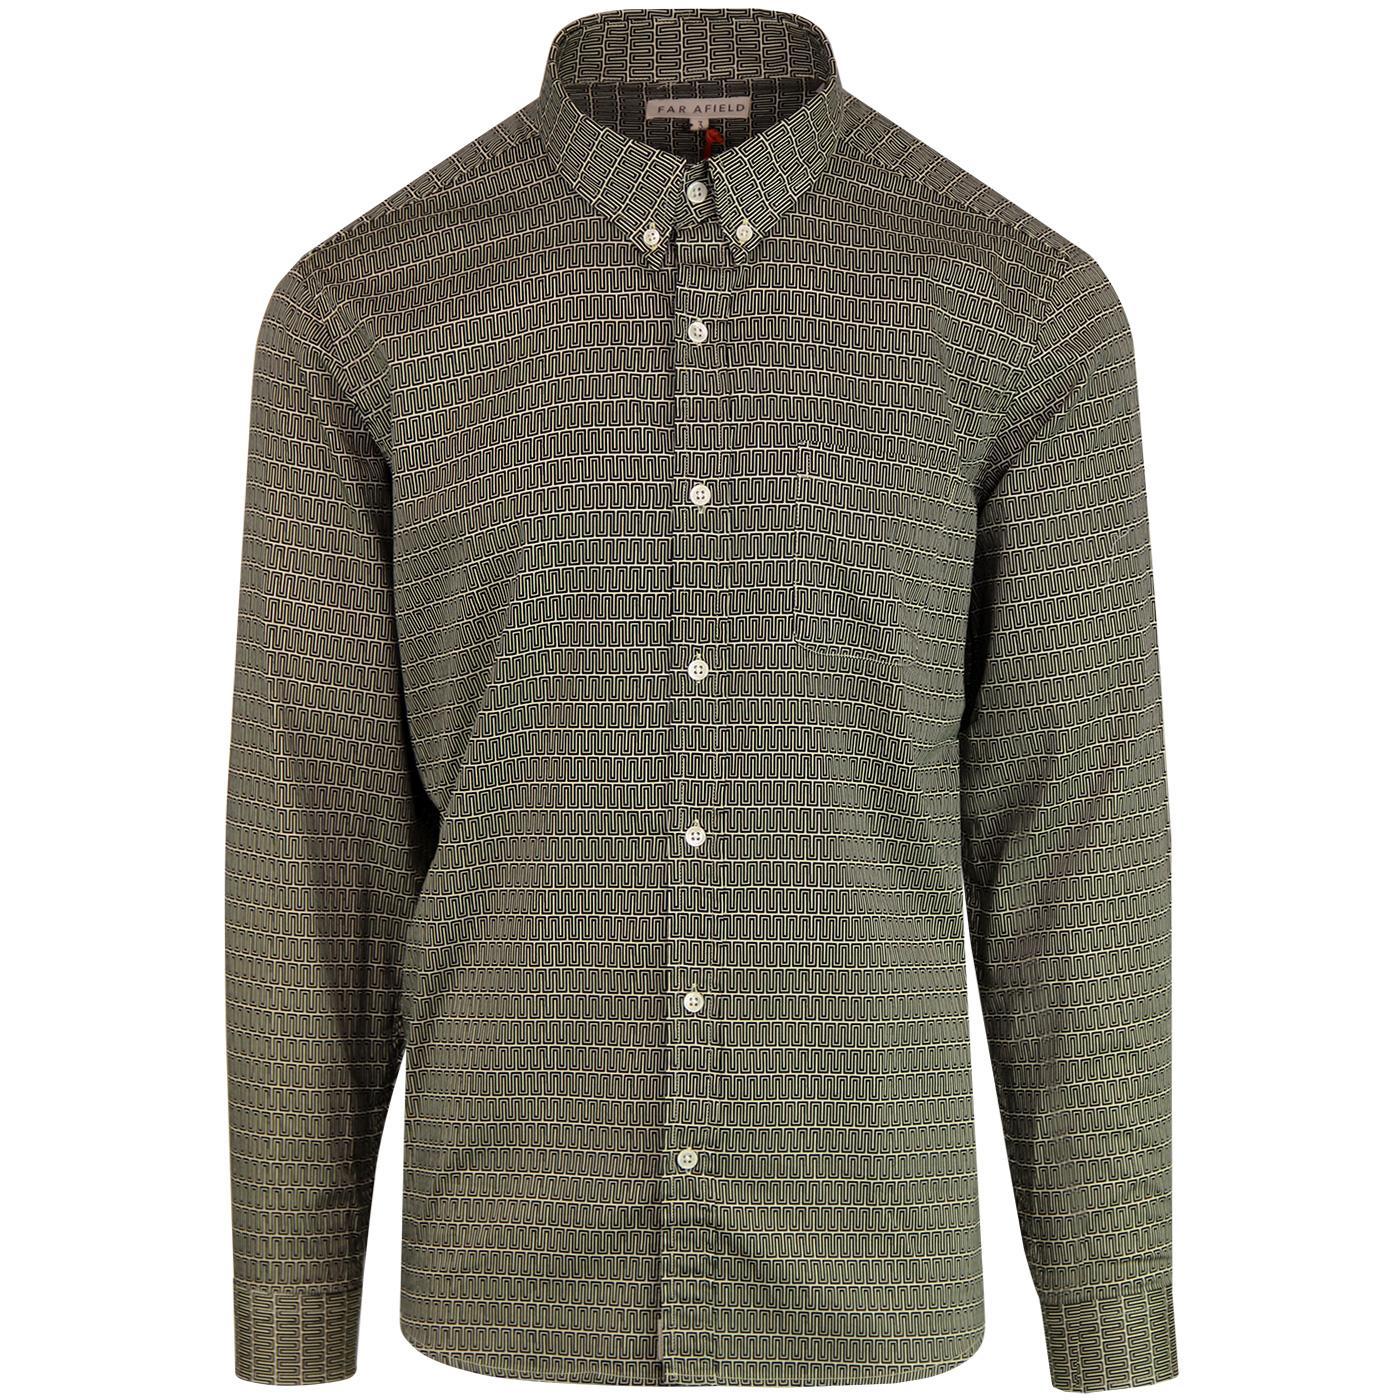 FAR AFIELD Op Art Geometric Button Down Mod Shirt